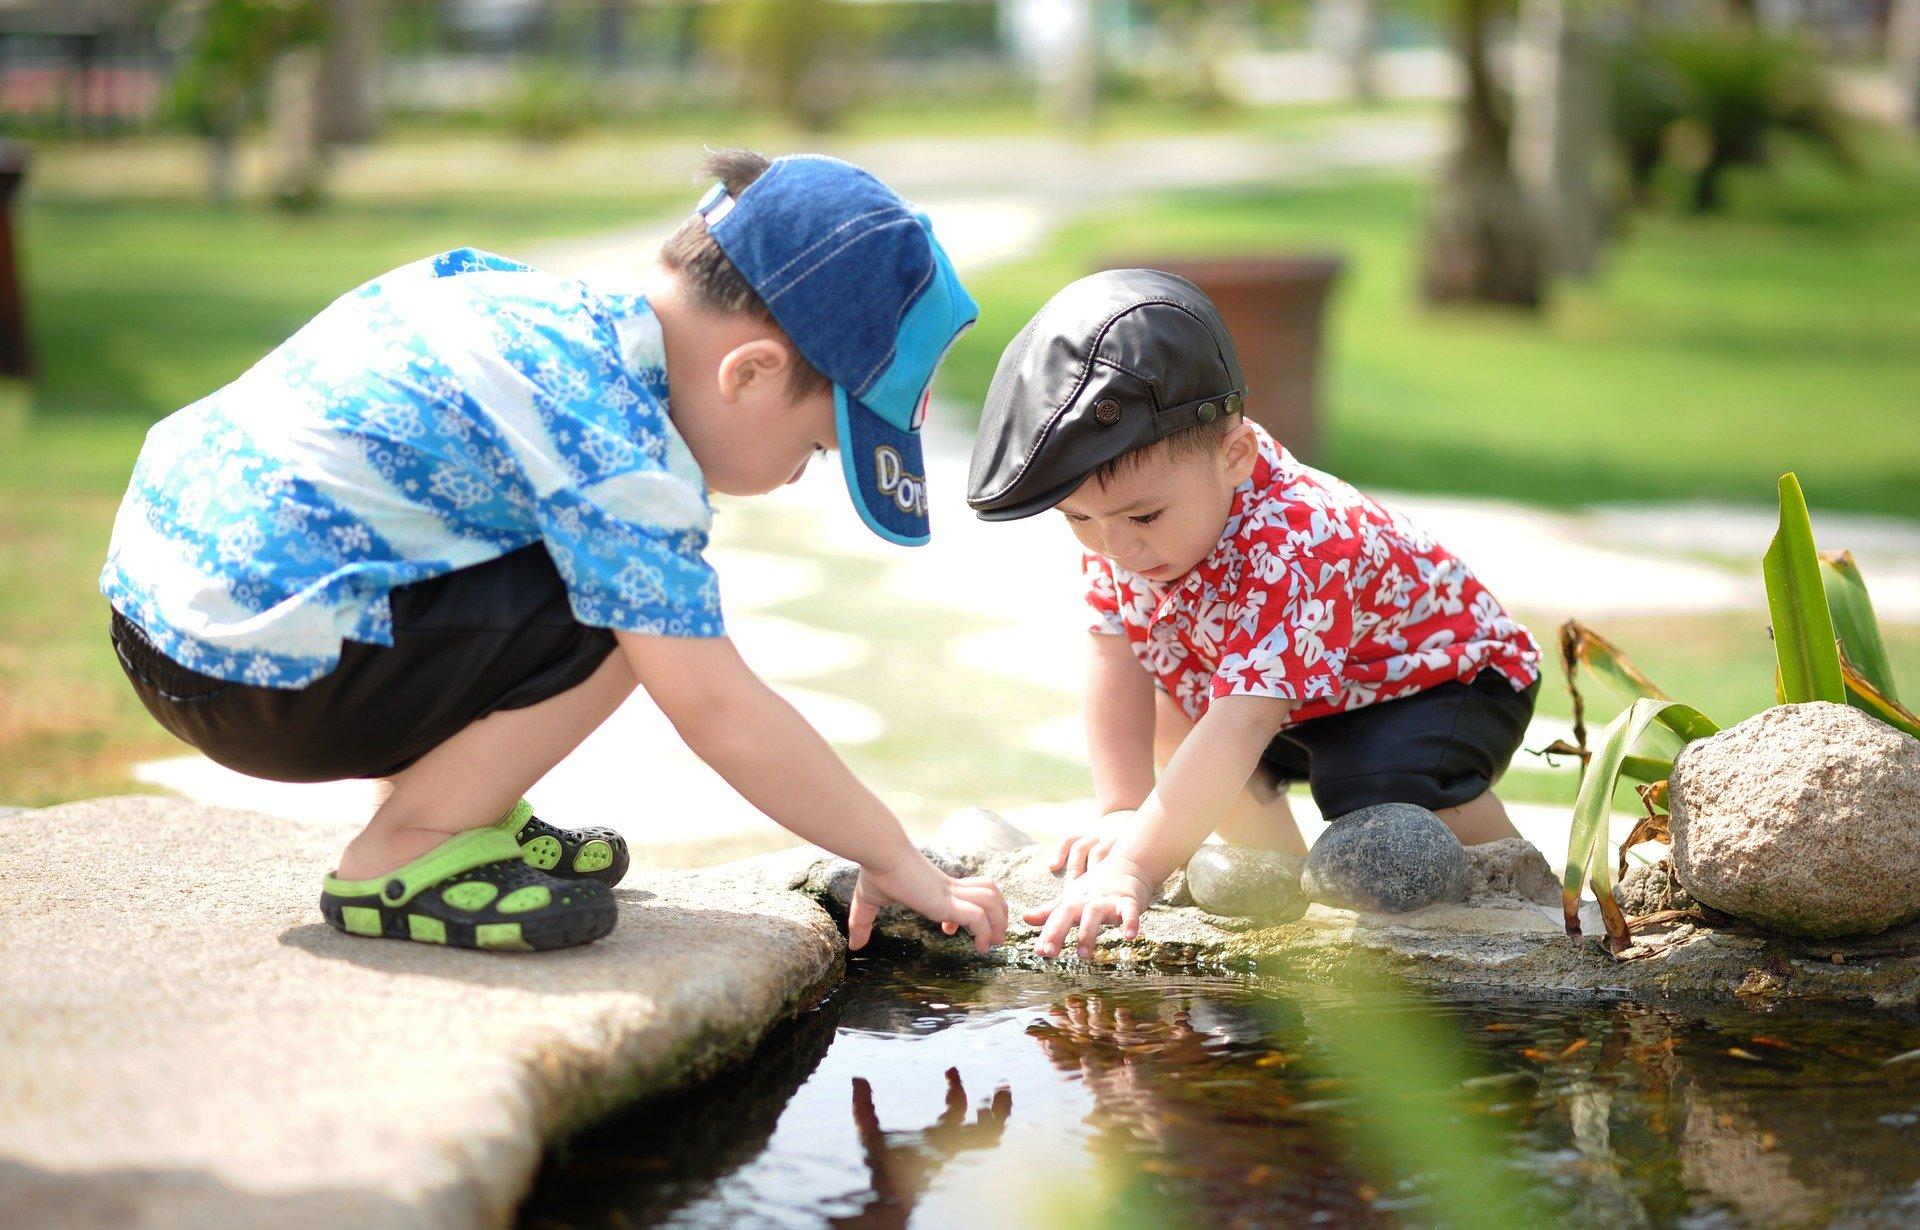 La nature développe le contact social et le coopération.